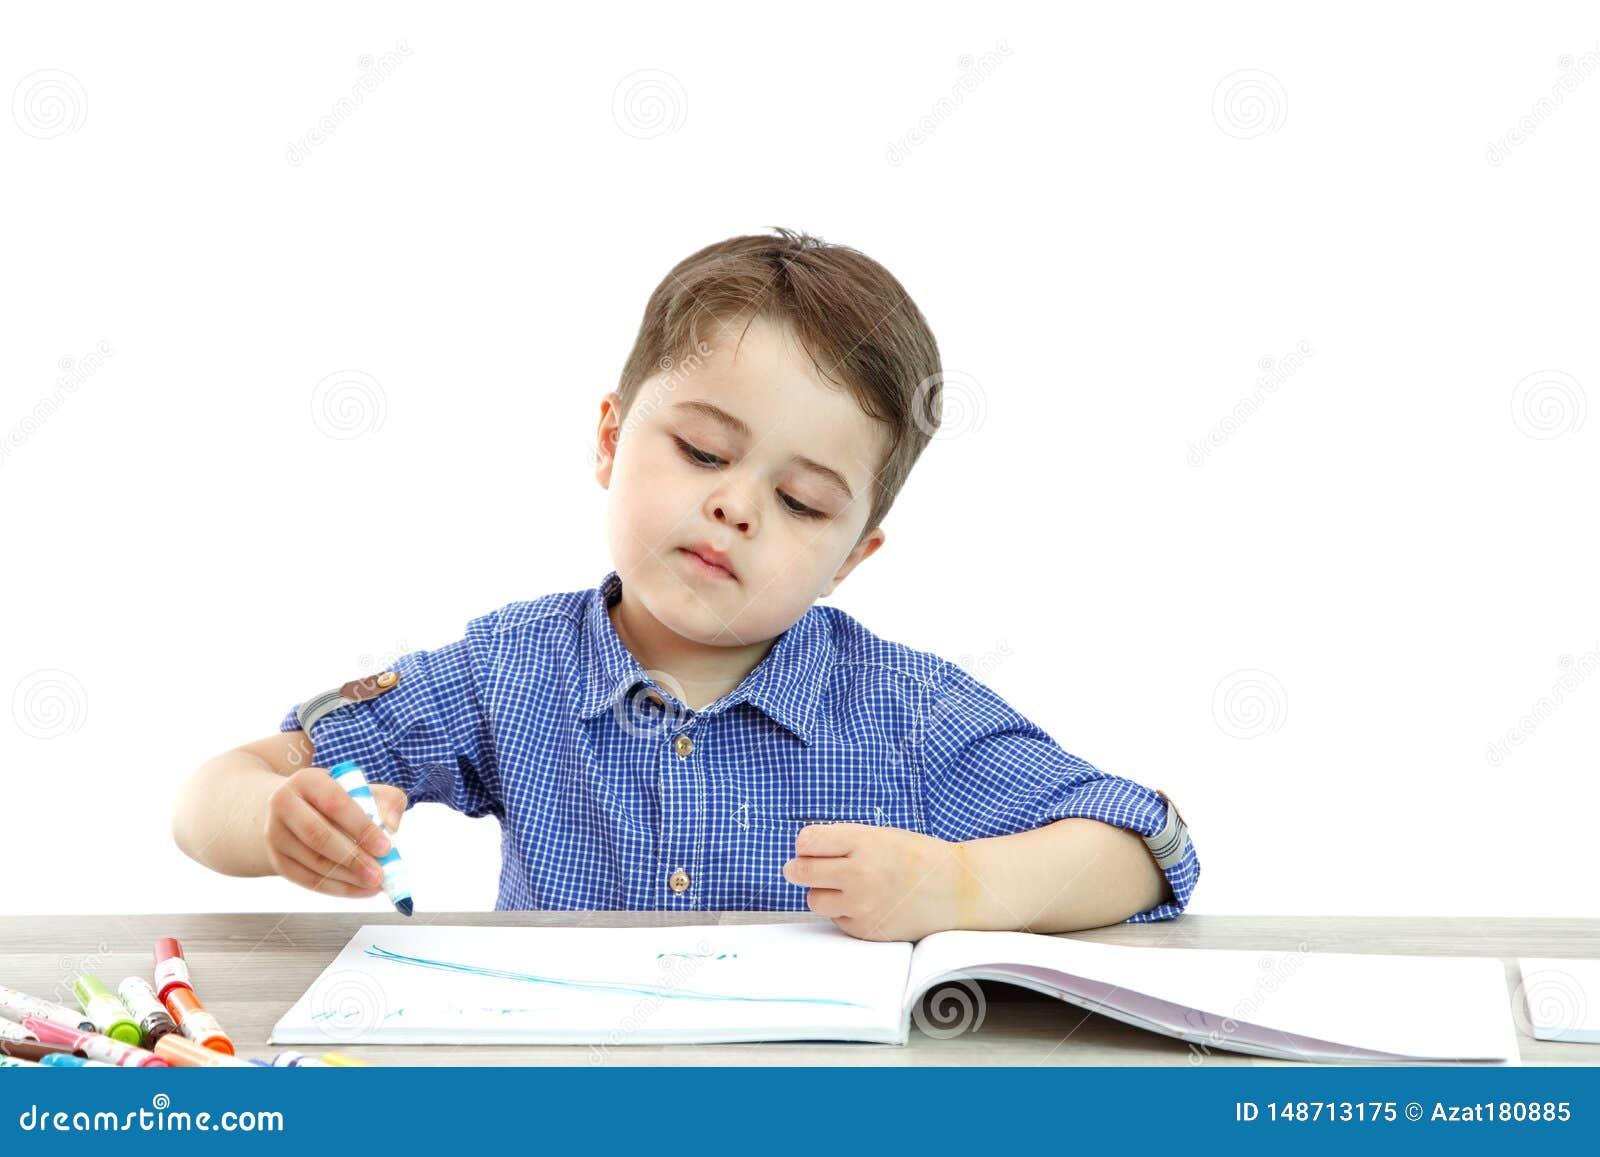 Το μικρό παιδί κάθεται και σύρει γράφει σε ένα απομονωμένο υπόβαθρο